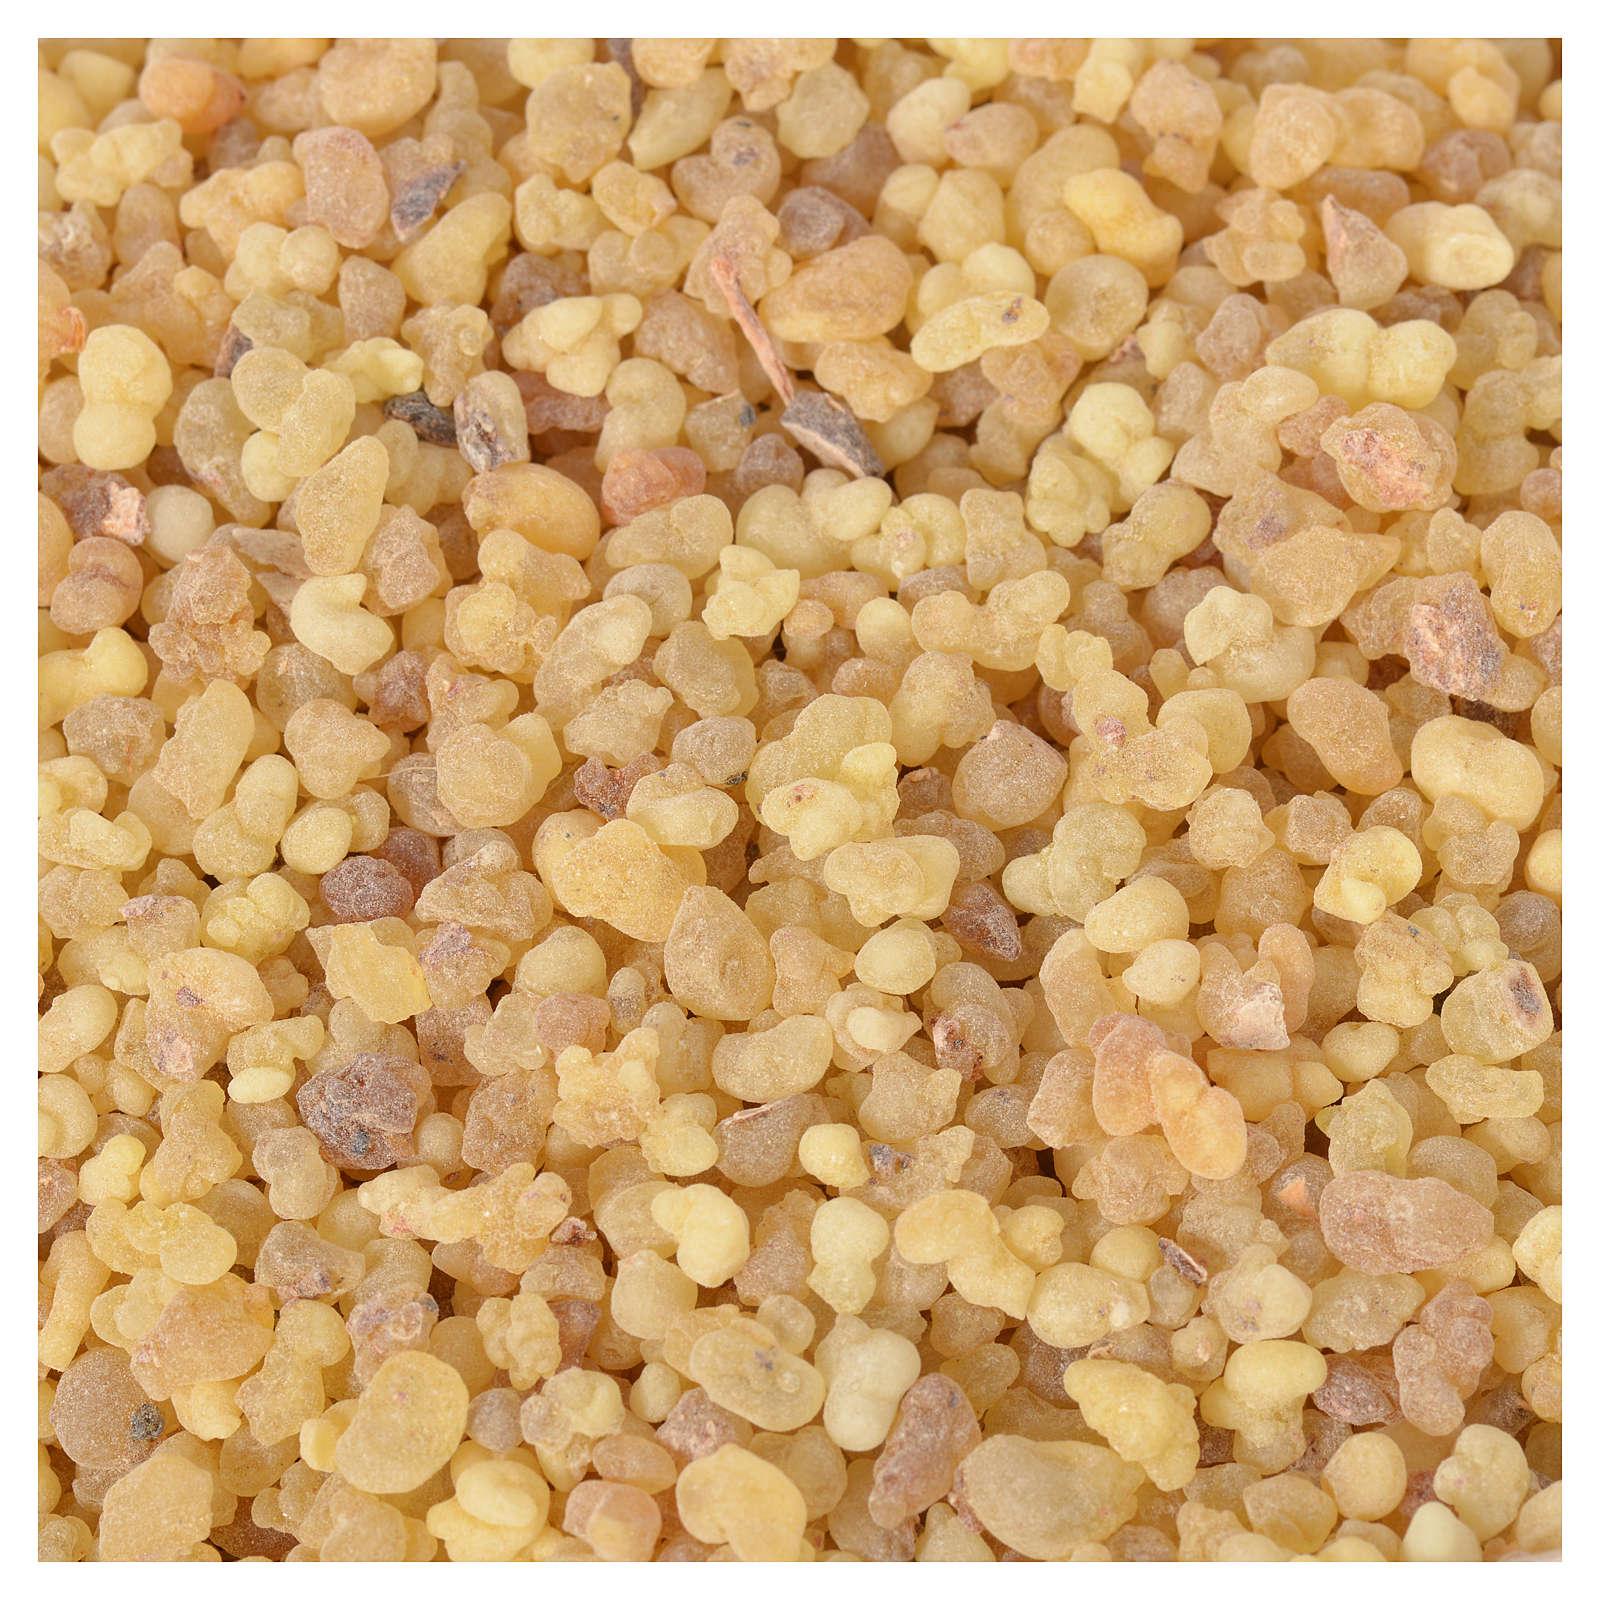 Reines Weihrauch Olibanum aus Äthiopien 1kg 3